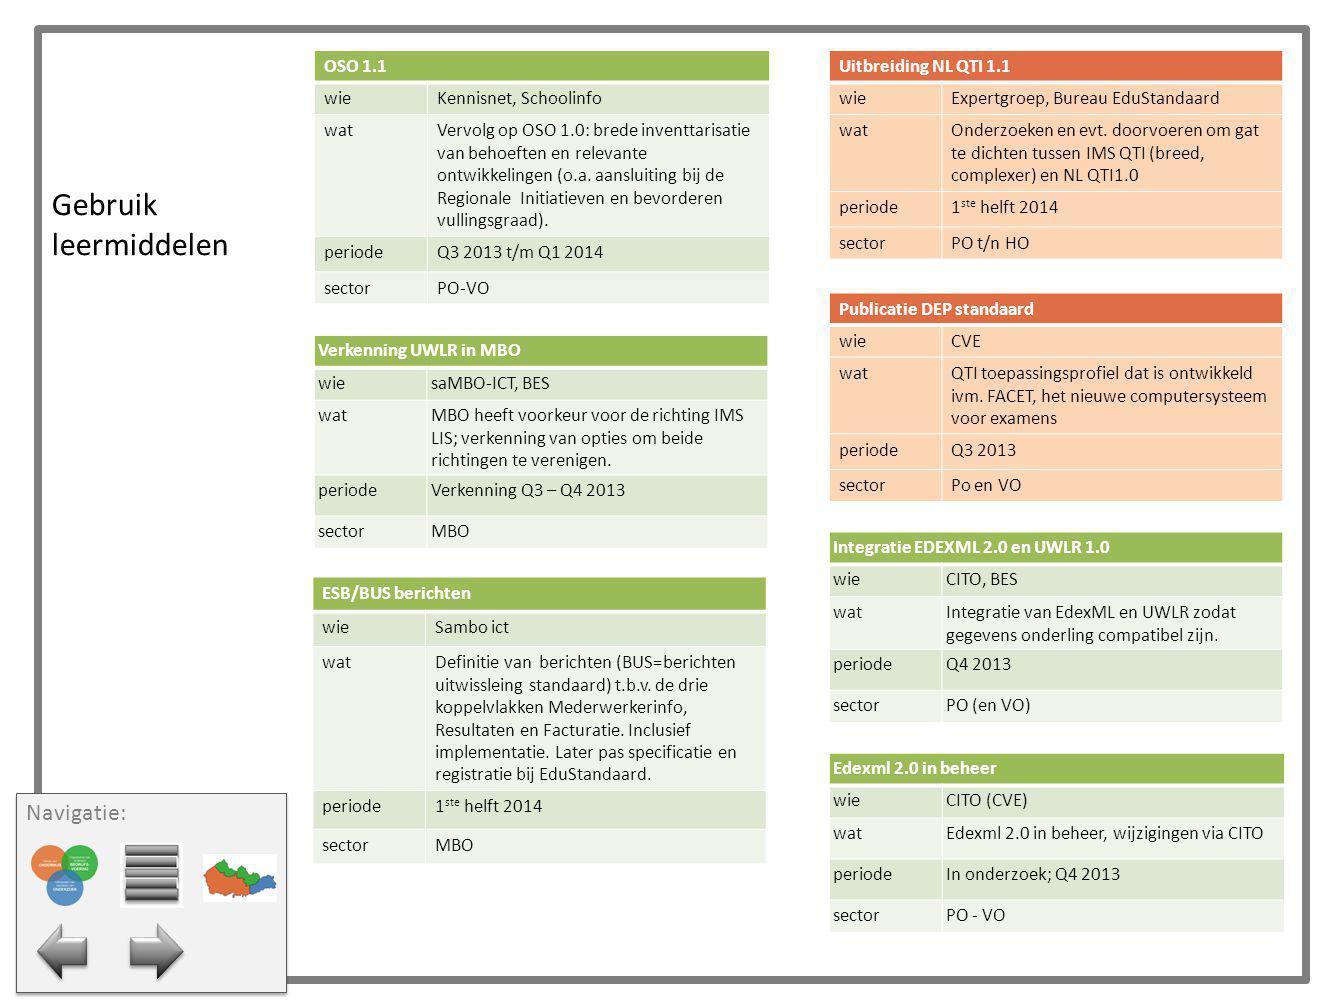 Gebruik leermiddelen Navigatie: Edexml 2.0 in beheer wieCITO (CVE) watEdexml 2.0 in beheer, wijzigingen via CITO periodeIn onderzoek; Q4 2013 sectorPO